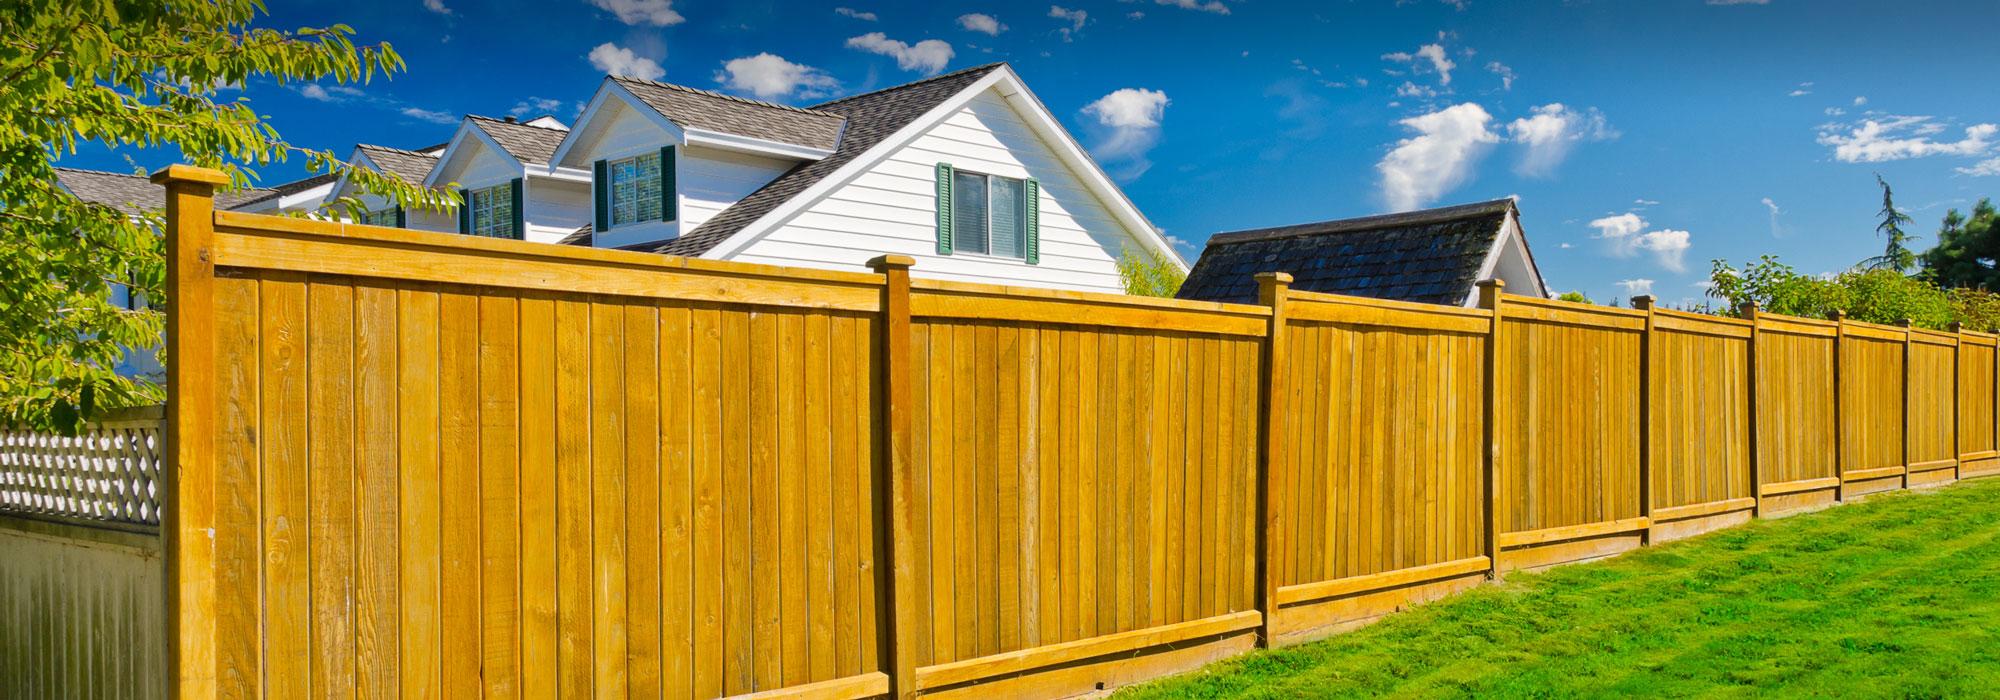 fencing-costs-30